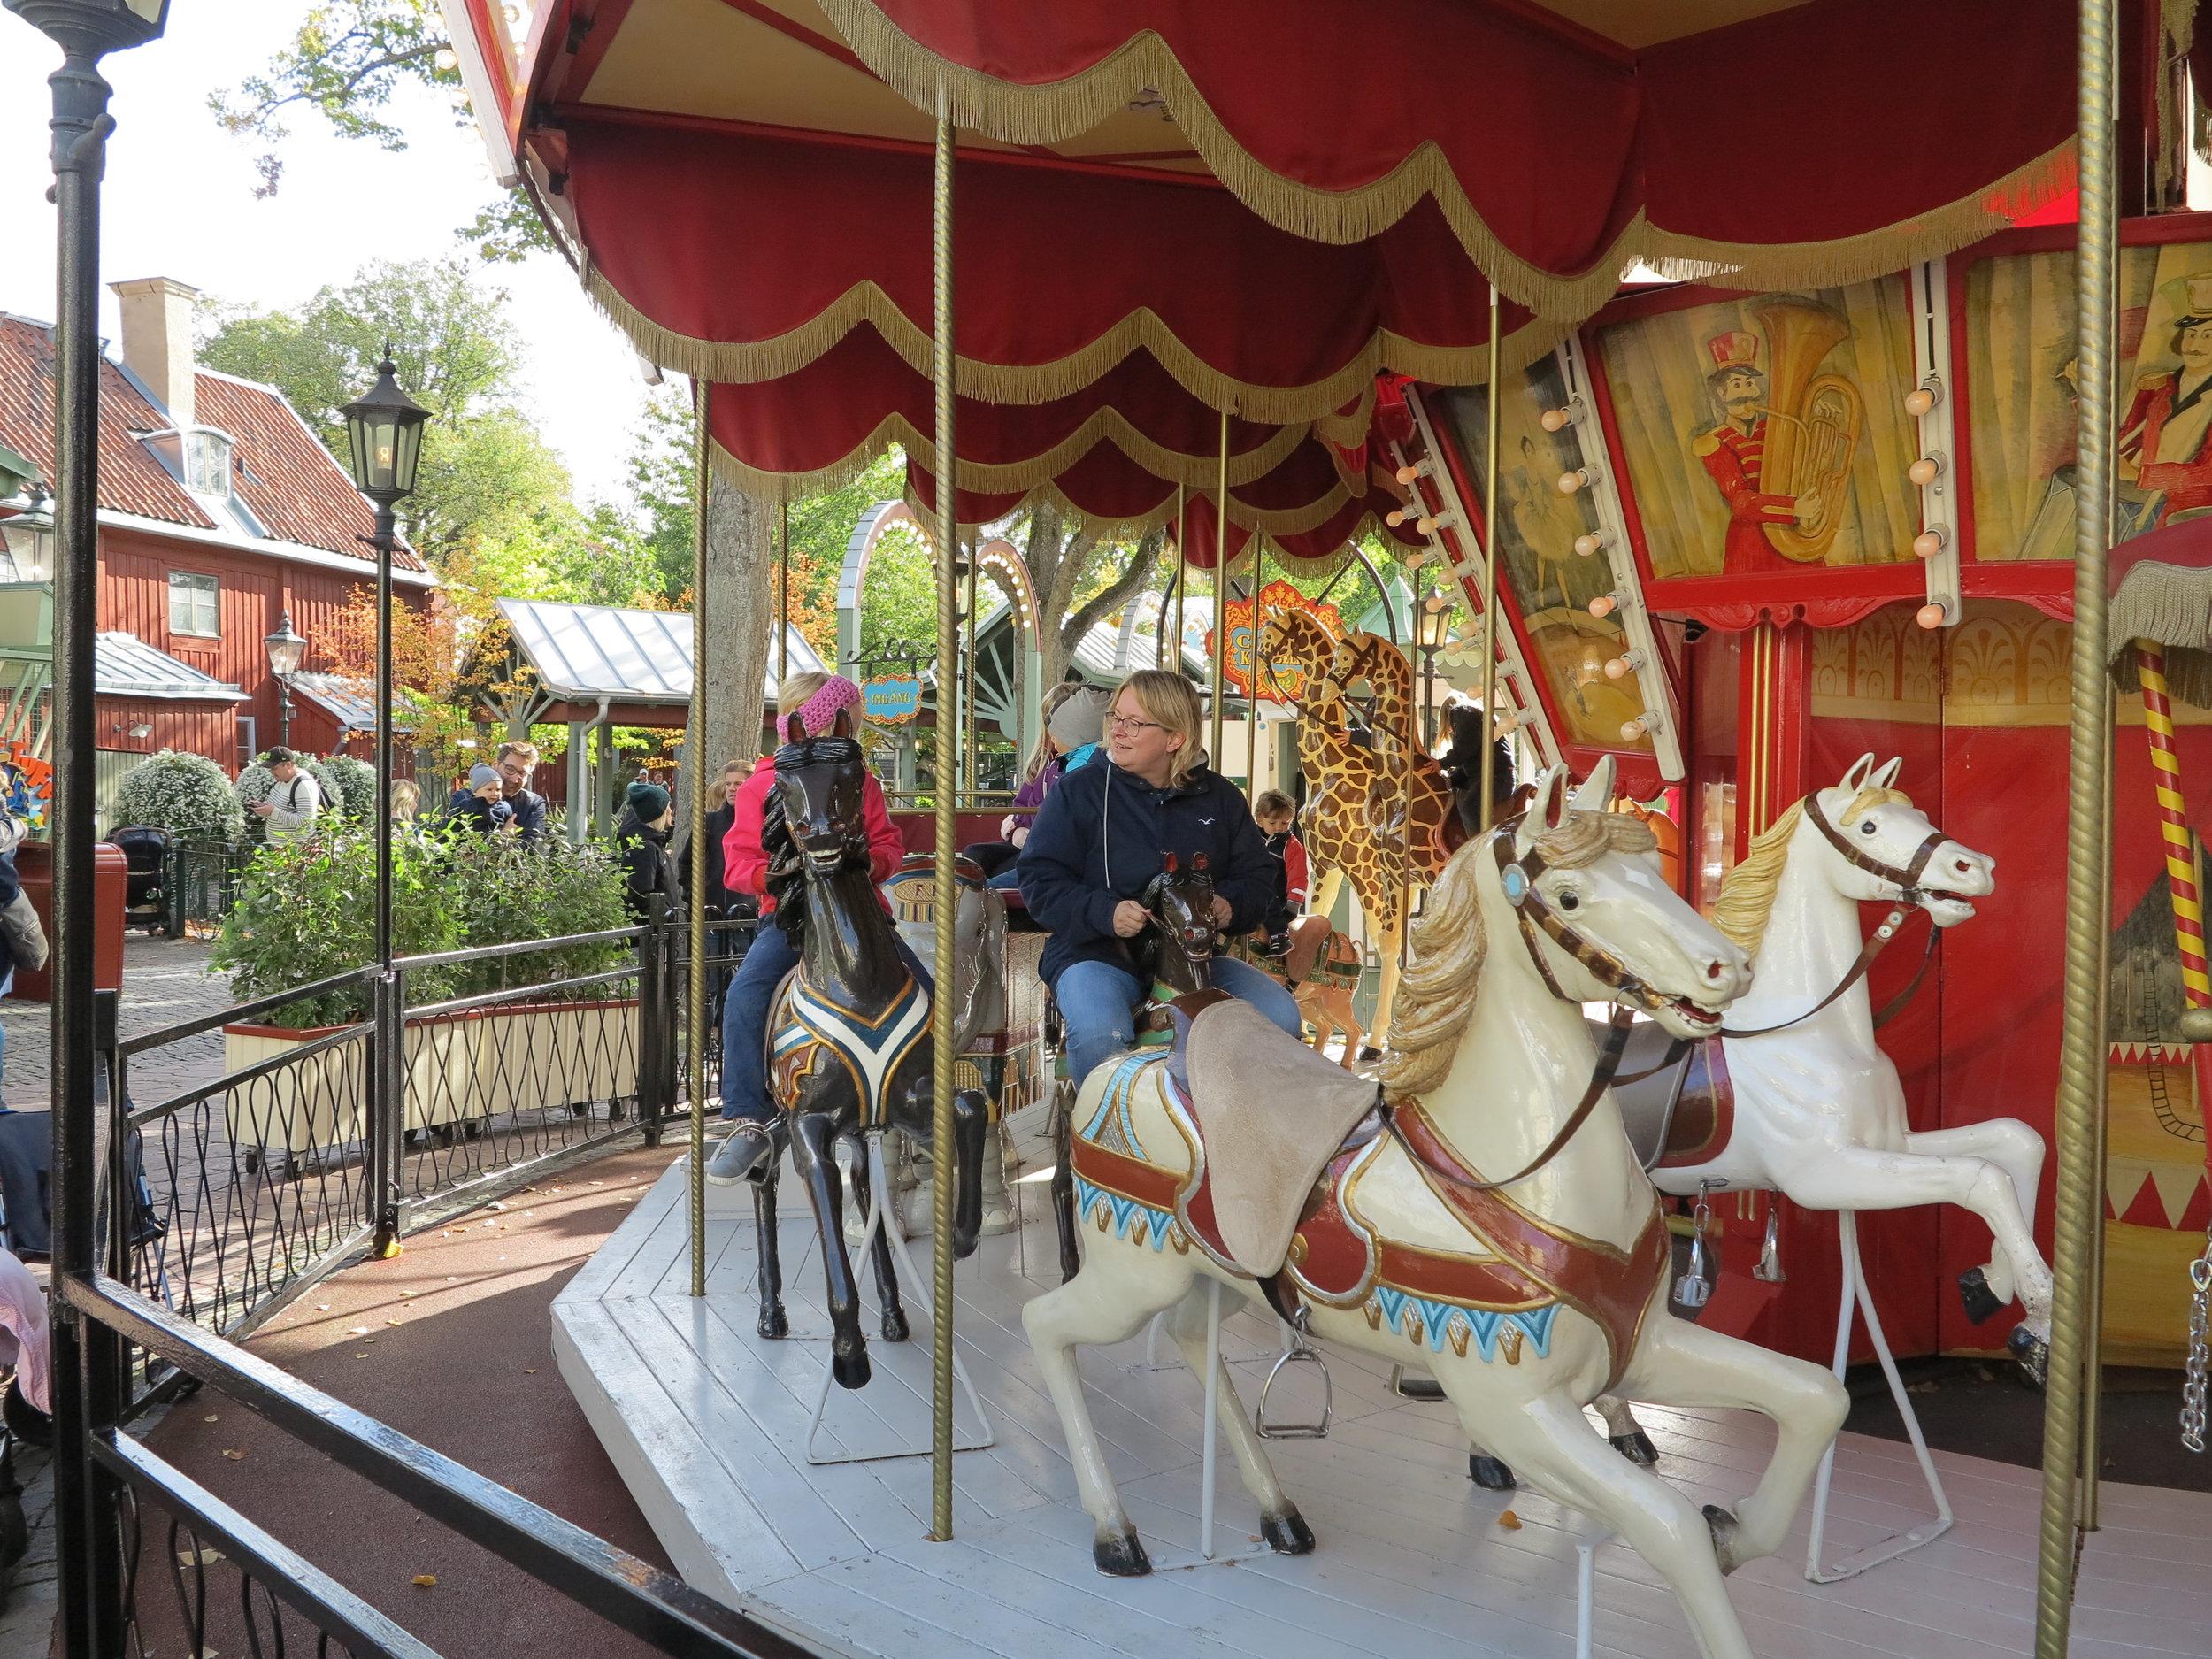 Auf dem historischen Karussell im Freizeitpark Gran Lund